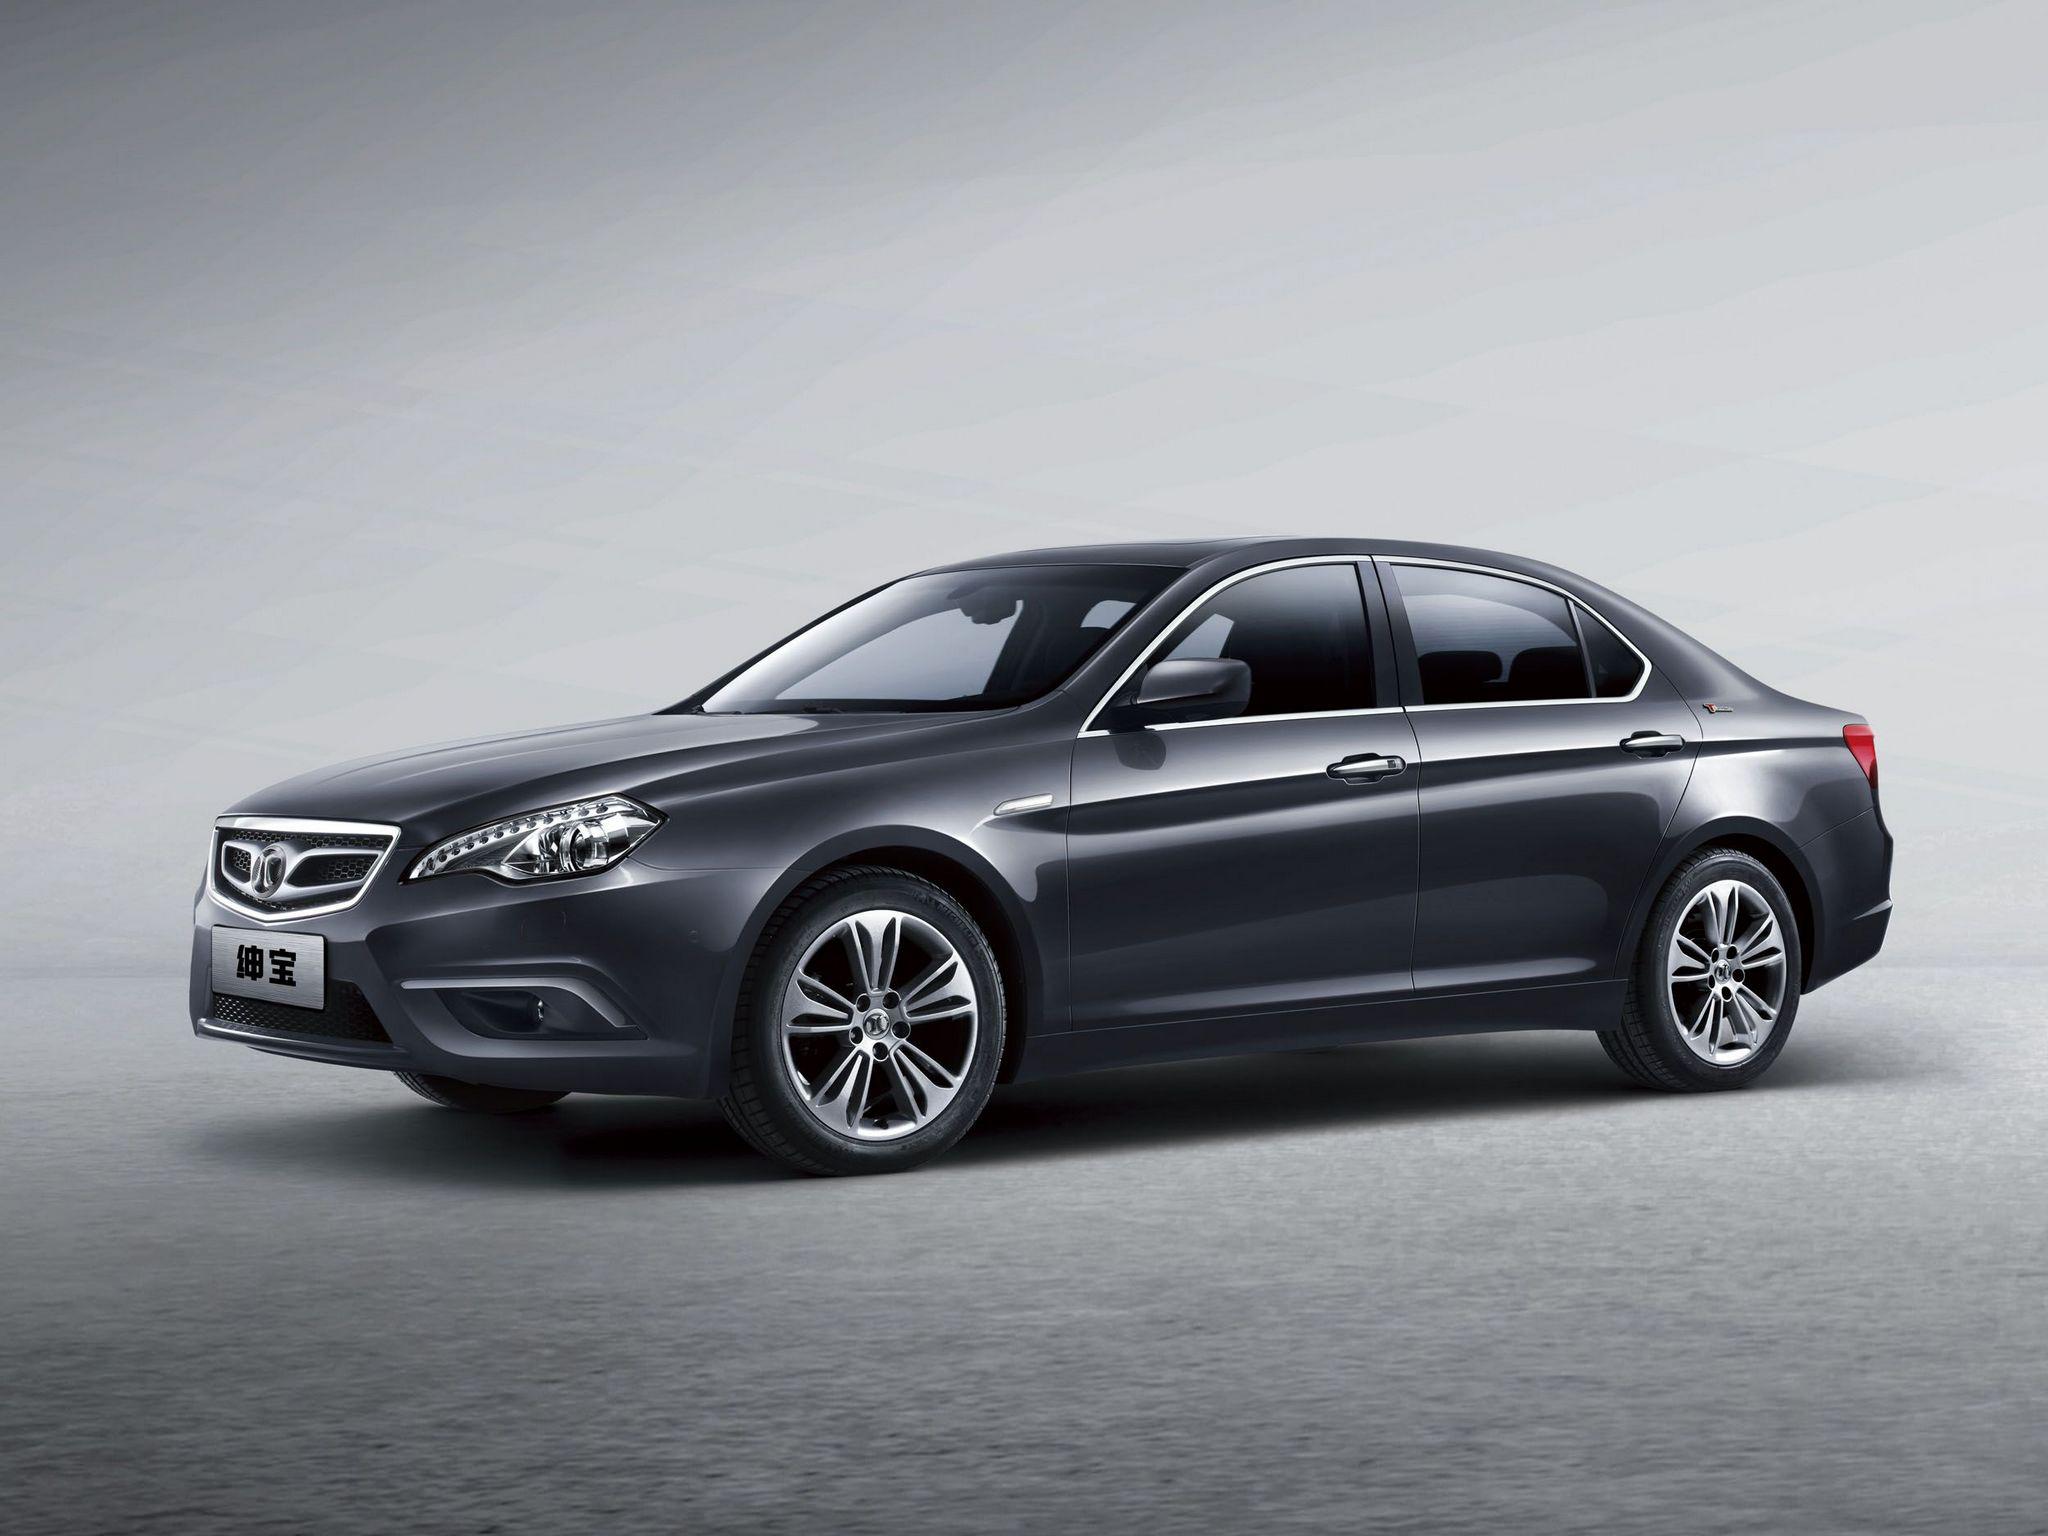 Китайцы выпустят новые автомобили на базе устаревших Mercedes-Benz